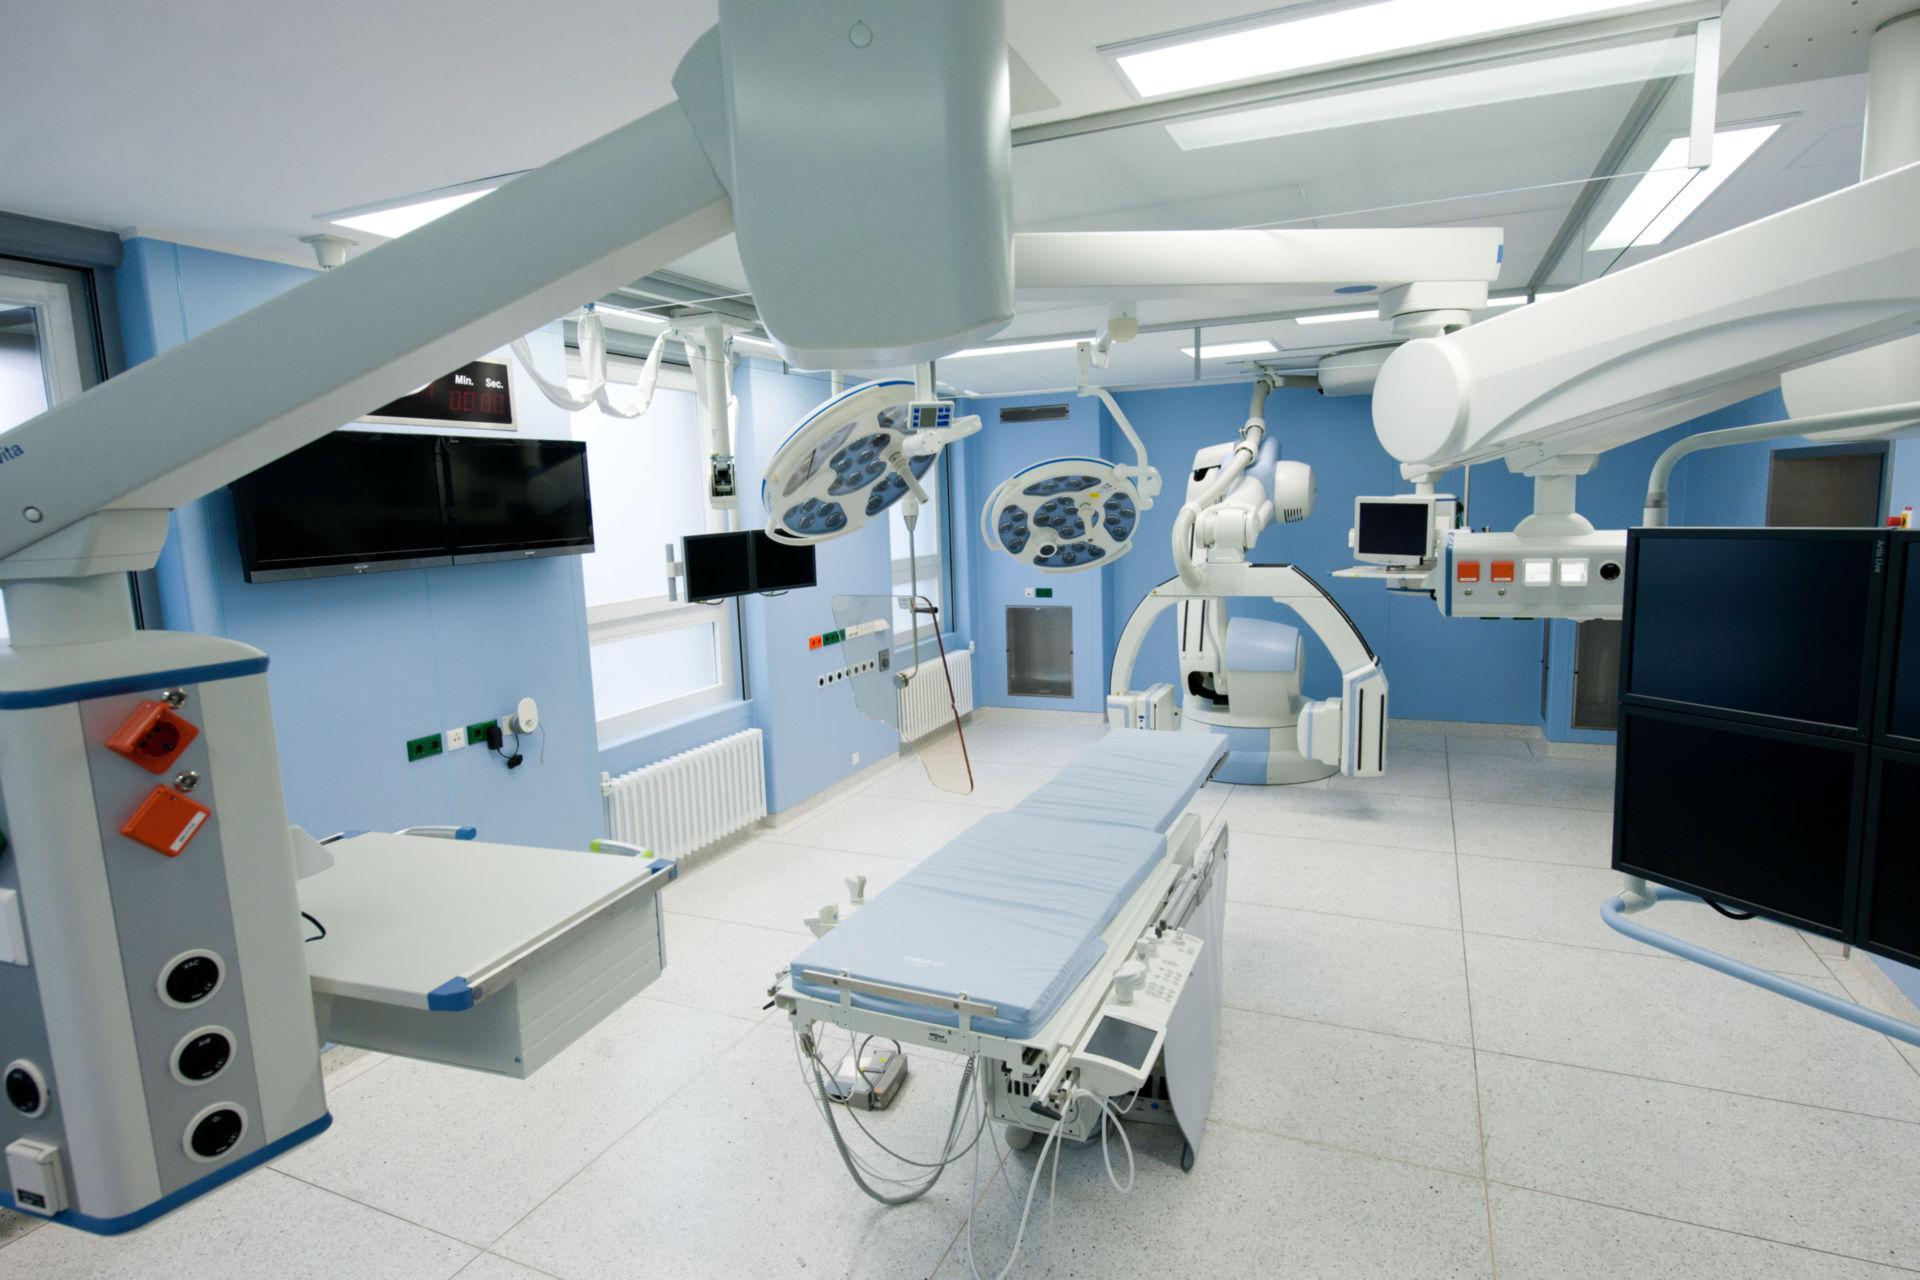 Nuova sala operatoria ibrida presso l'ospedale universitario di Heidelberg